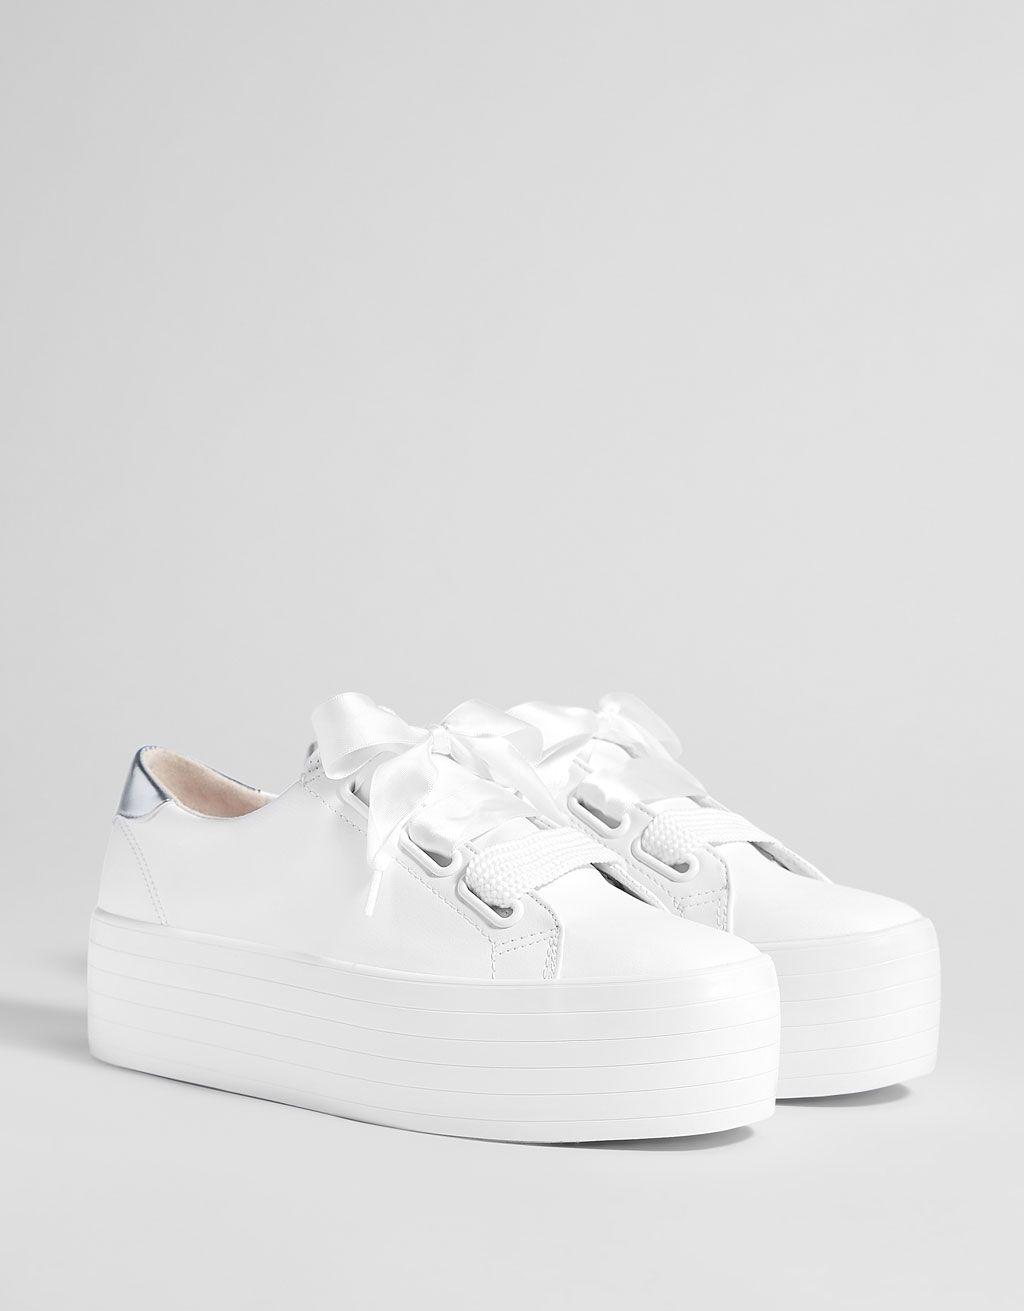 zapatillas nike blancas con plataforma